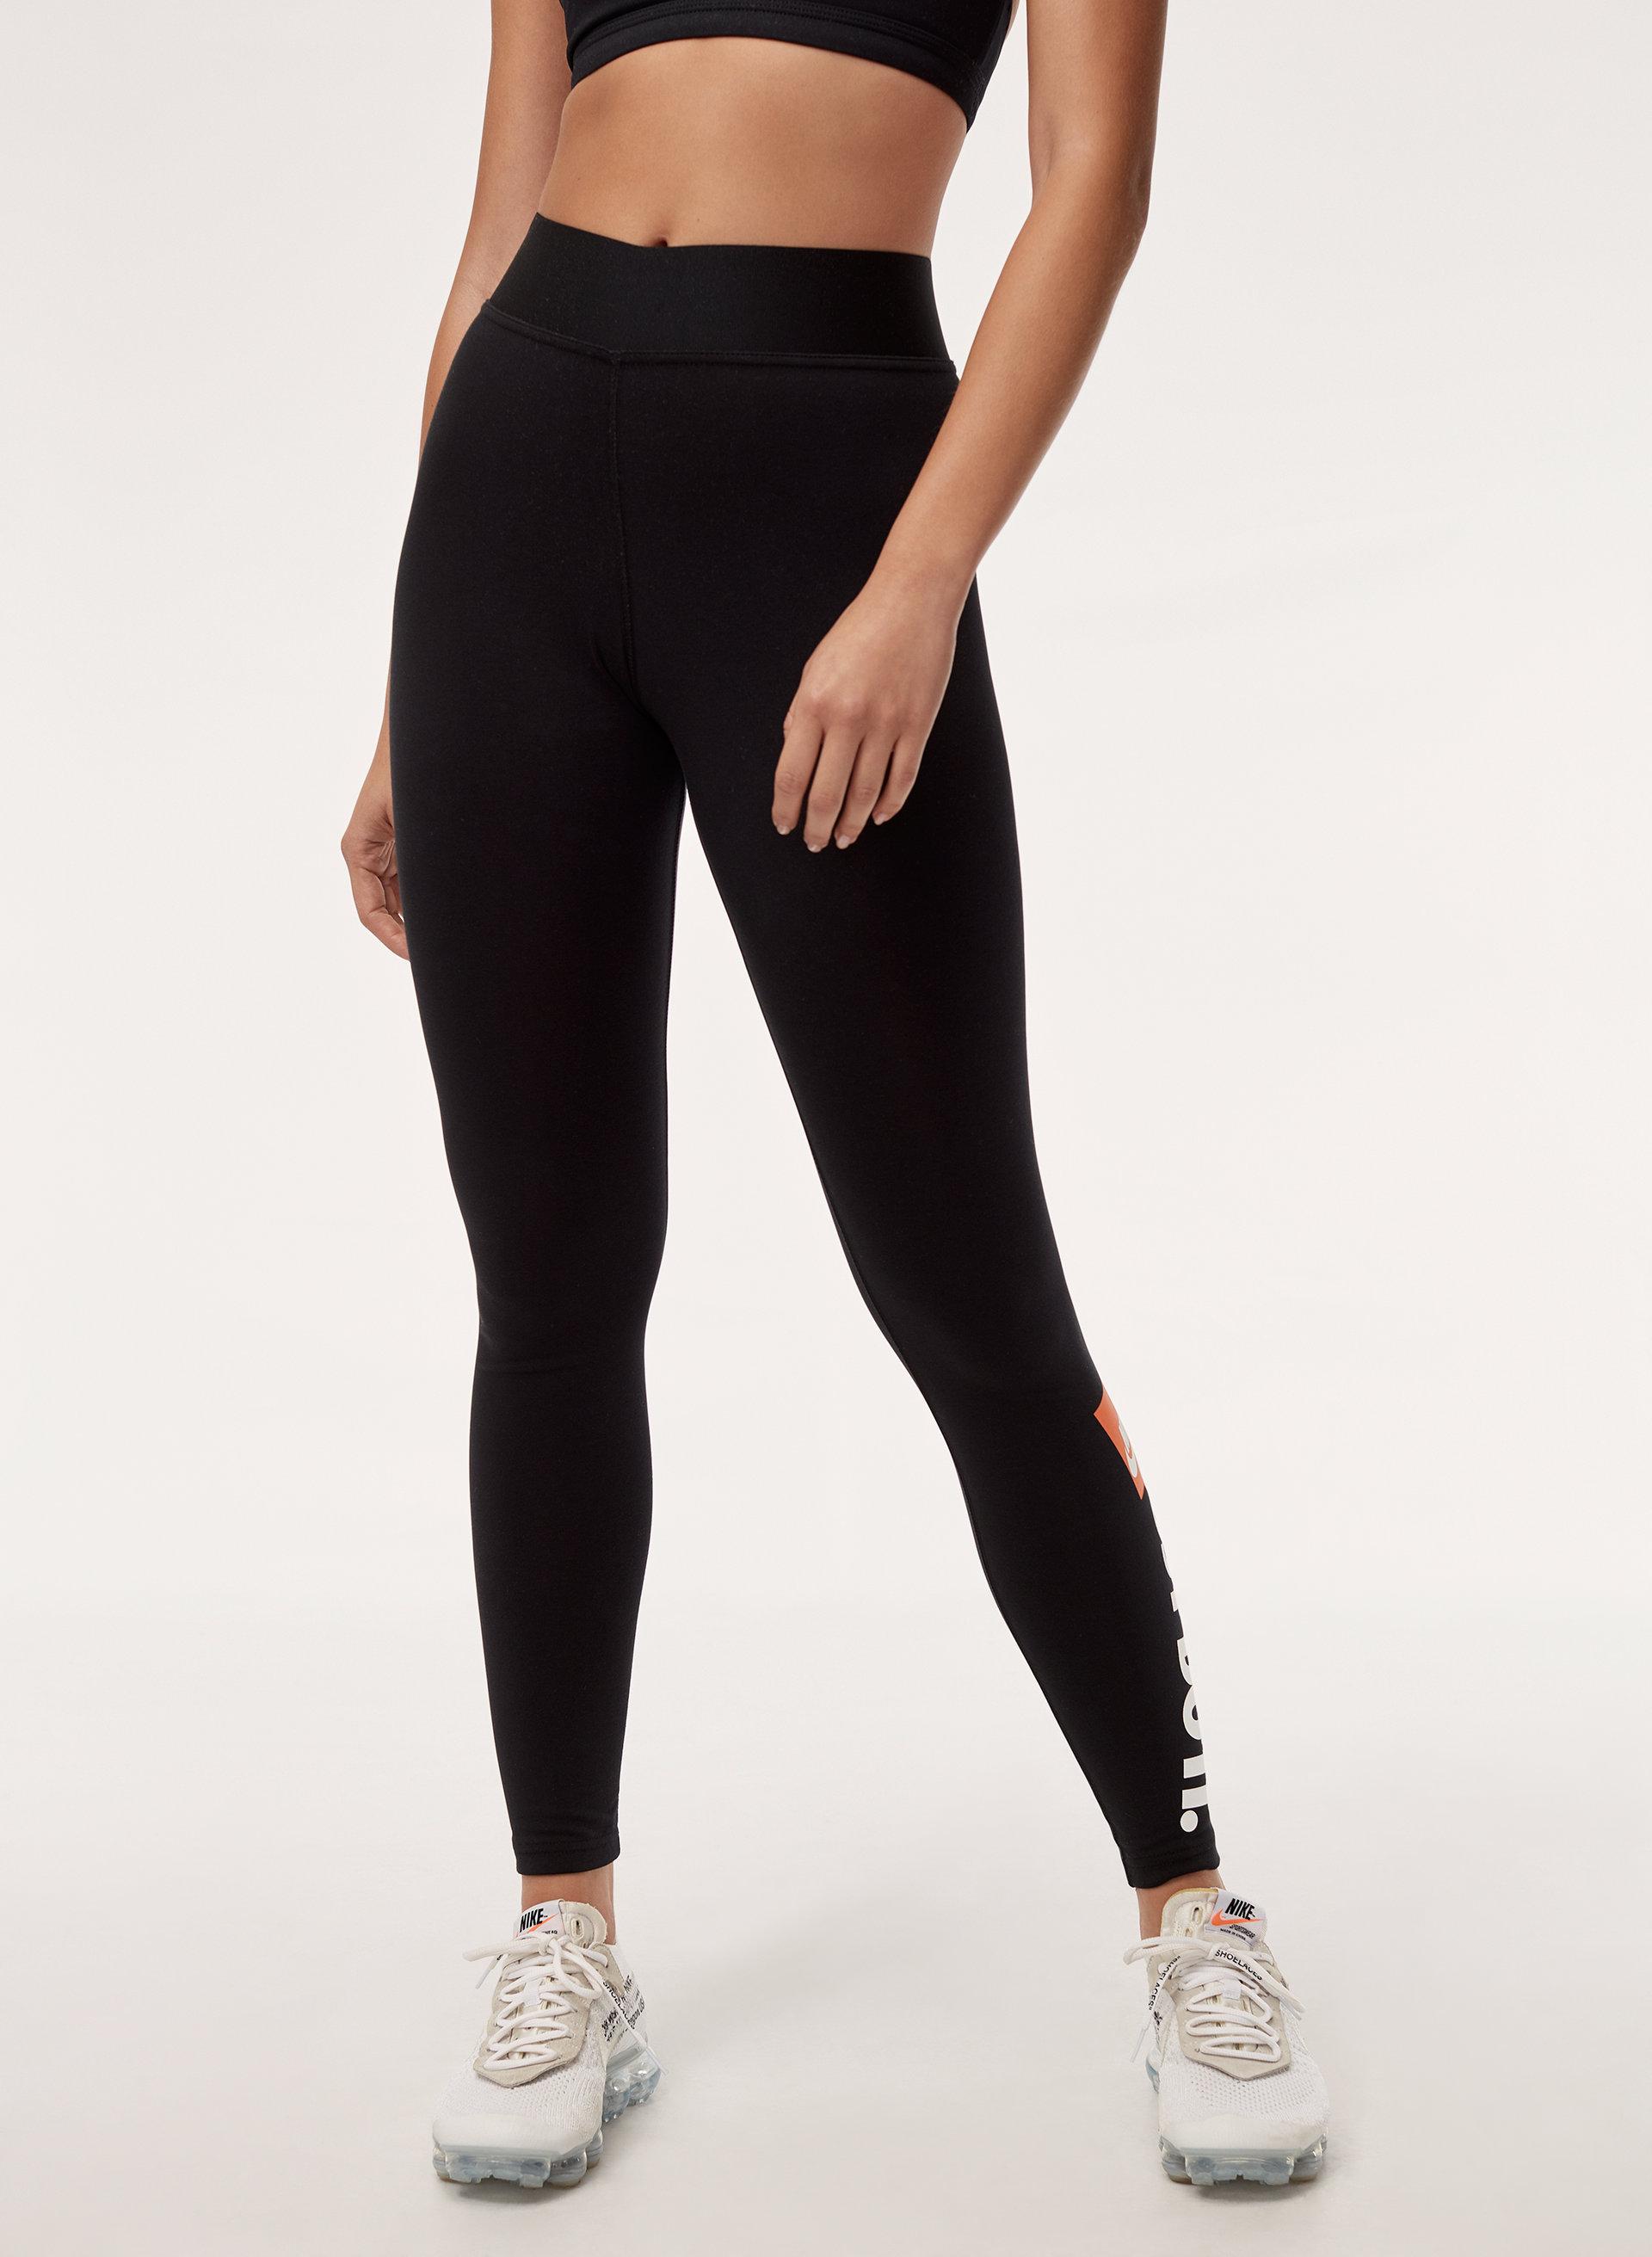 69b0fe49a8653 JUST DO IT LEGGING - High-waisted legging